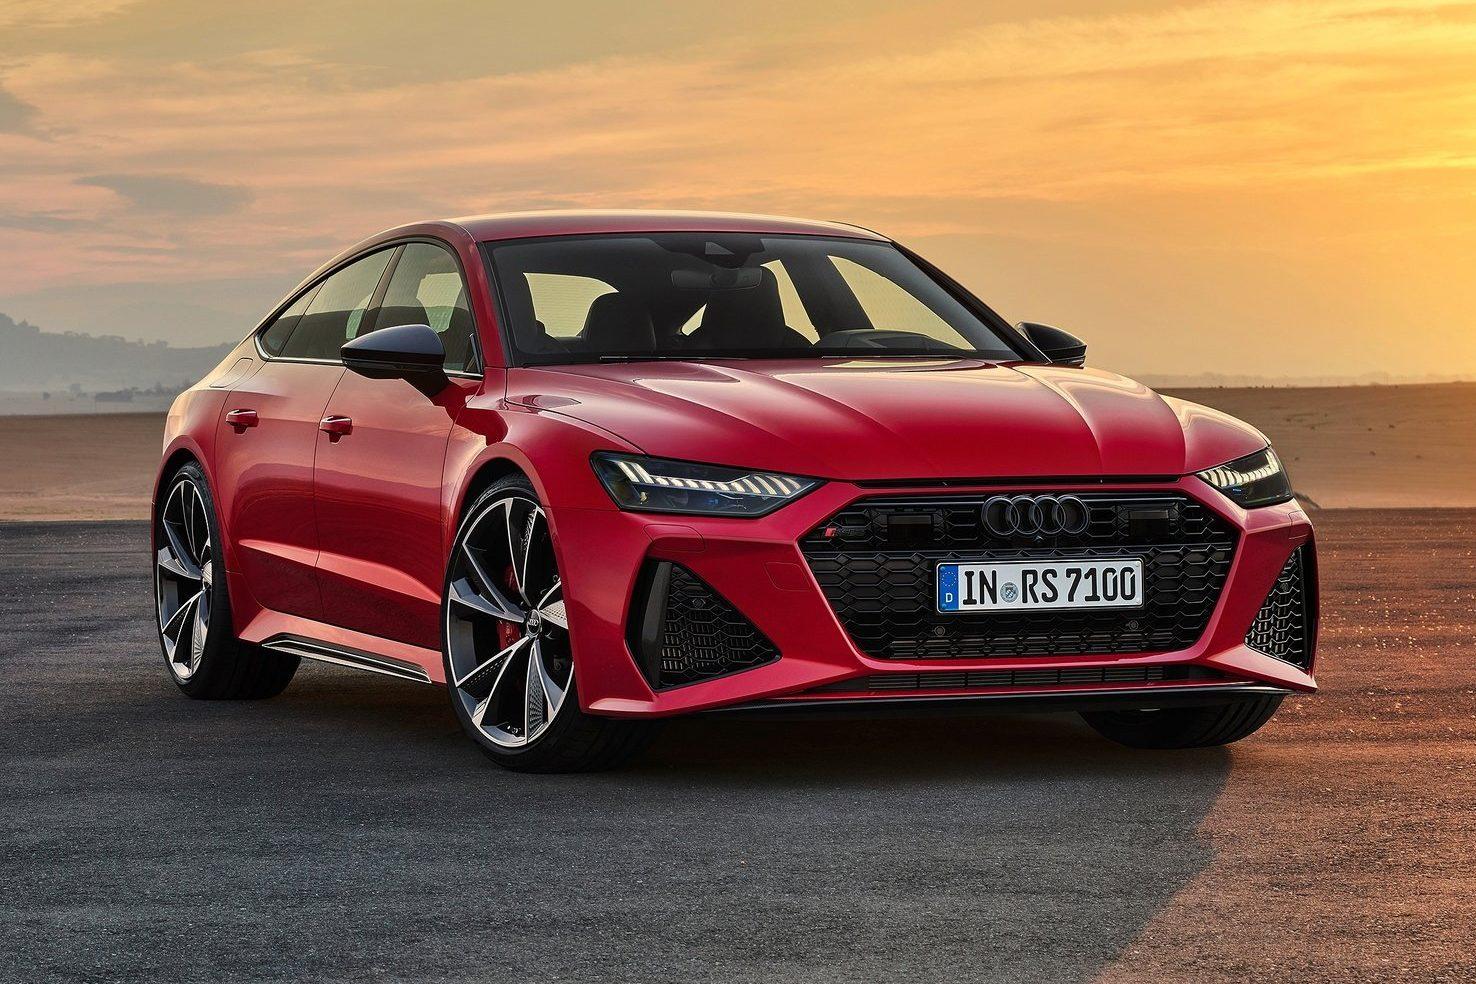 Novo Audi Rs 7 Acelera Como Um Gt Mas Com Conforto De Seda Executivo Quatro Rodas